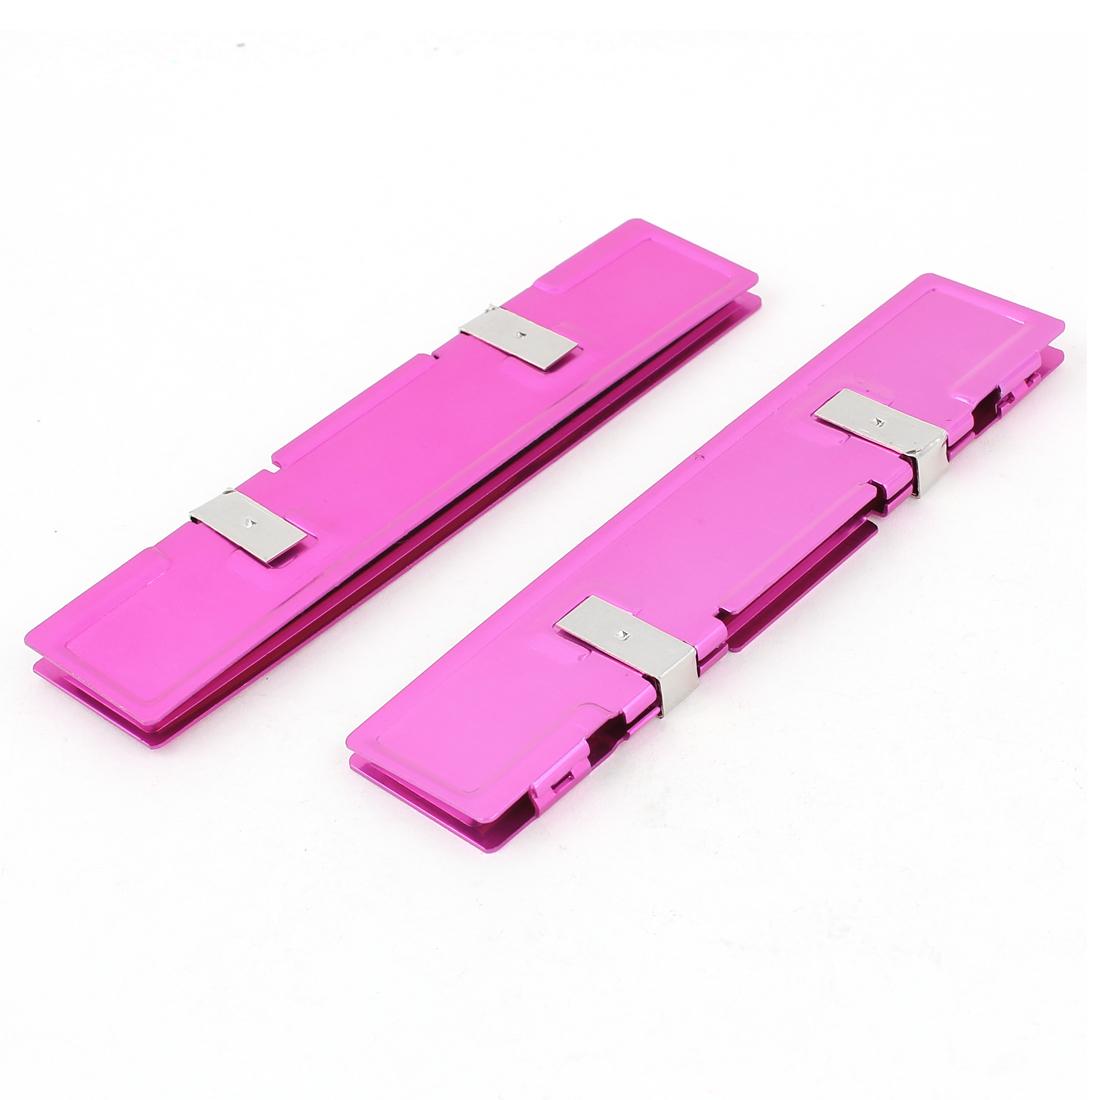 DDR DDR2 DDR3 RAM Memory Aluminium Heatsink Spreader Cooler Cooling Pink 2Pcs